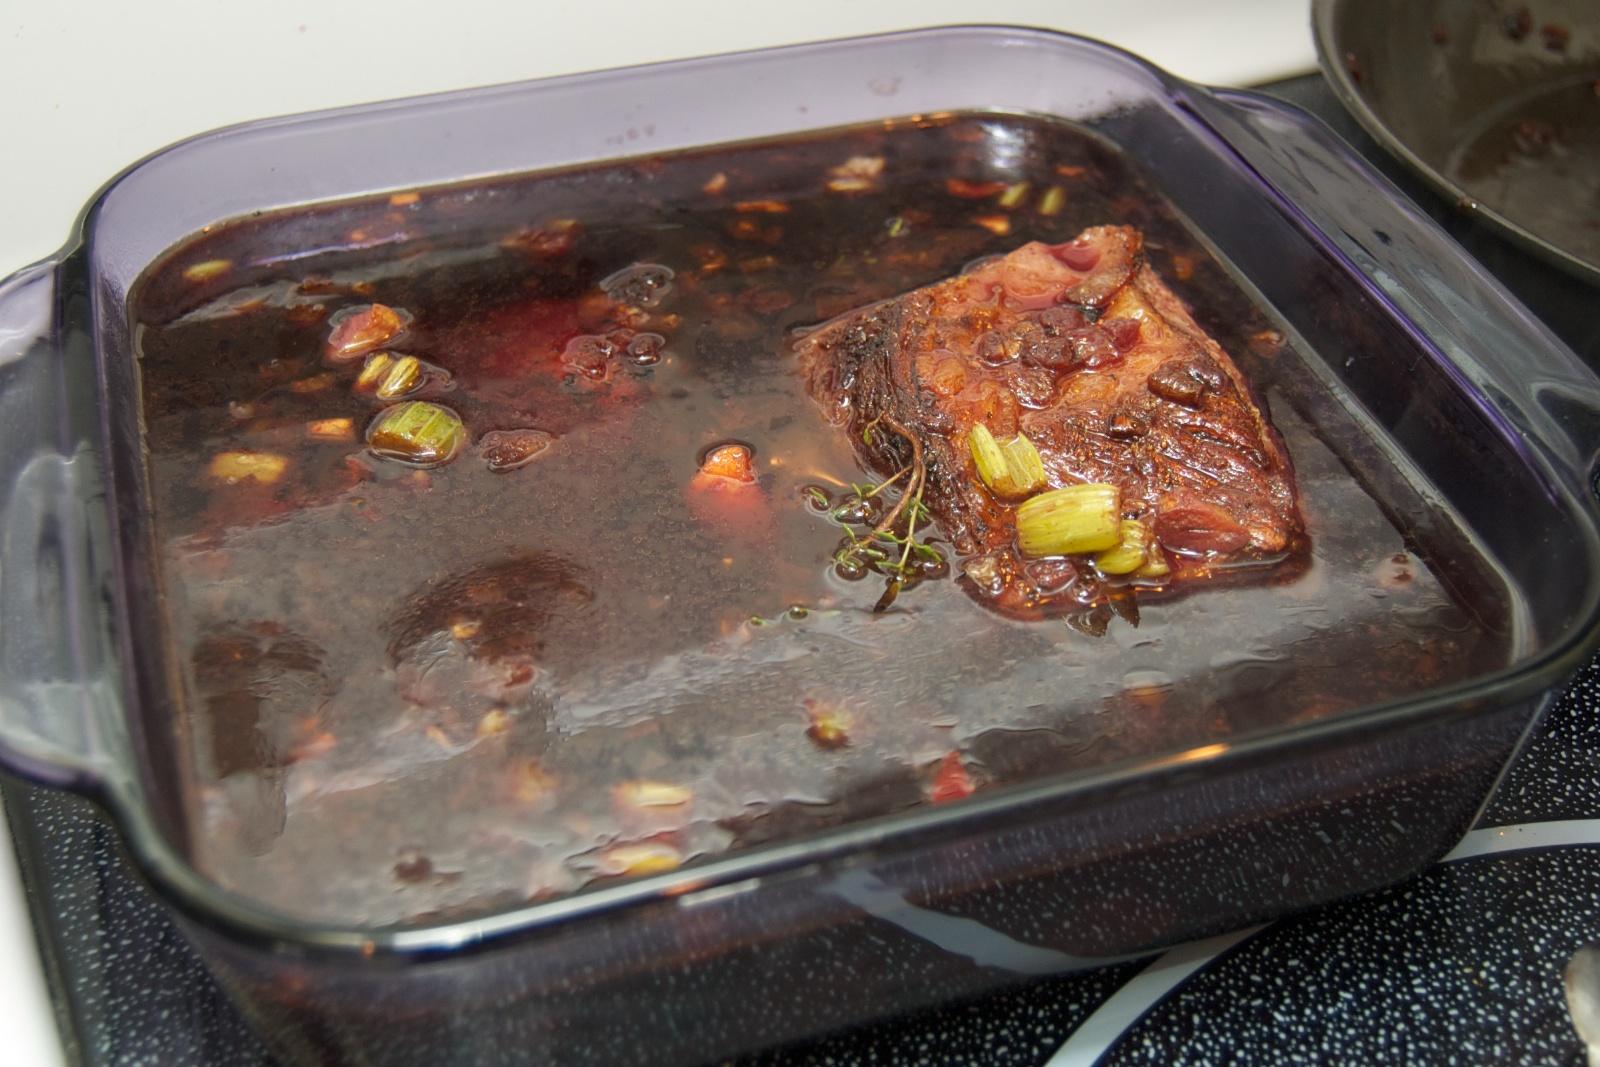 http://blog.rickk.com/food/2010/10/10/shortribs4.jpg